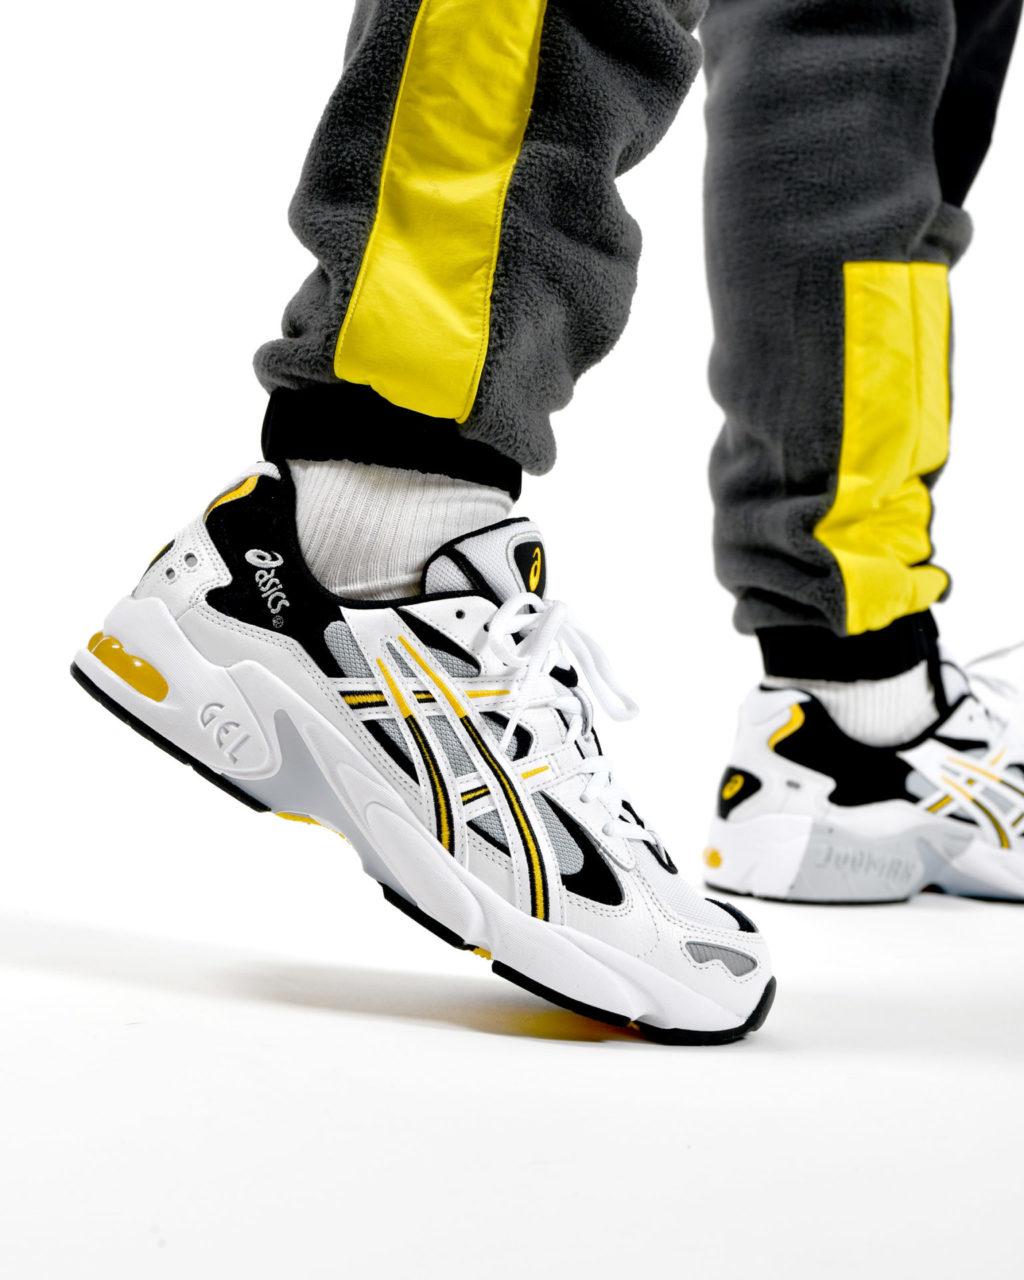 Asics Gel Kayano 5 OG White/Saffron